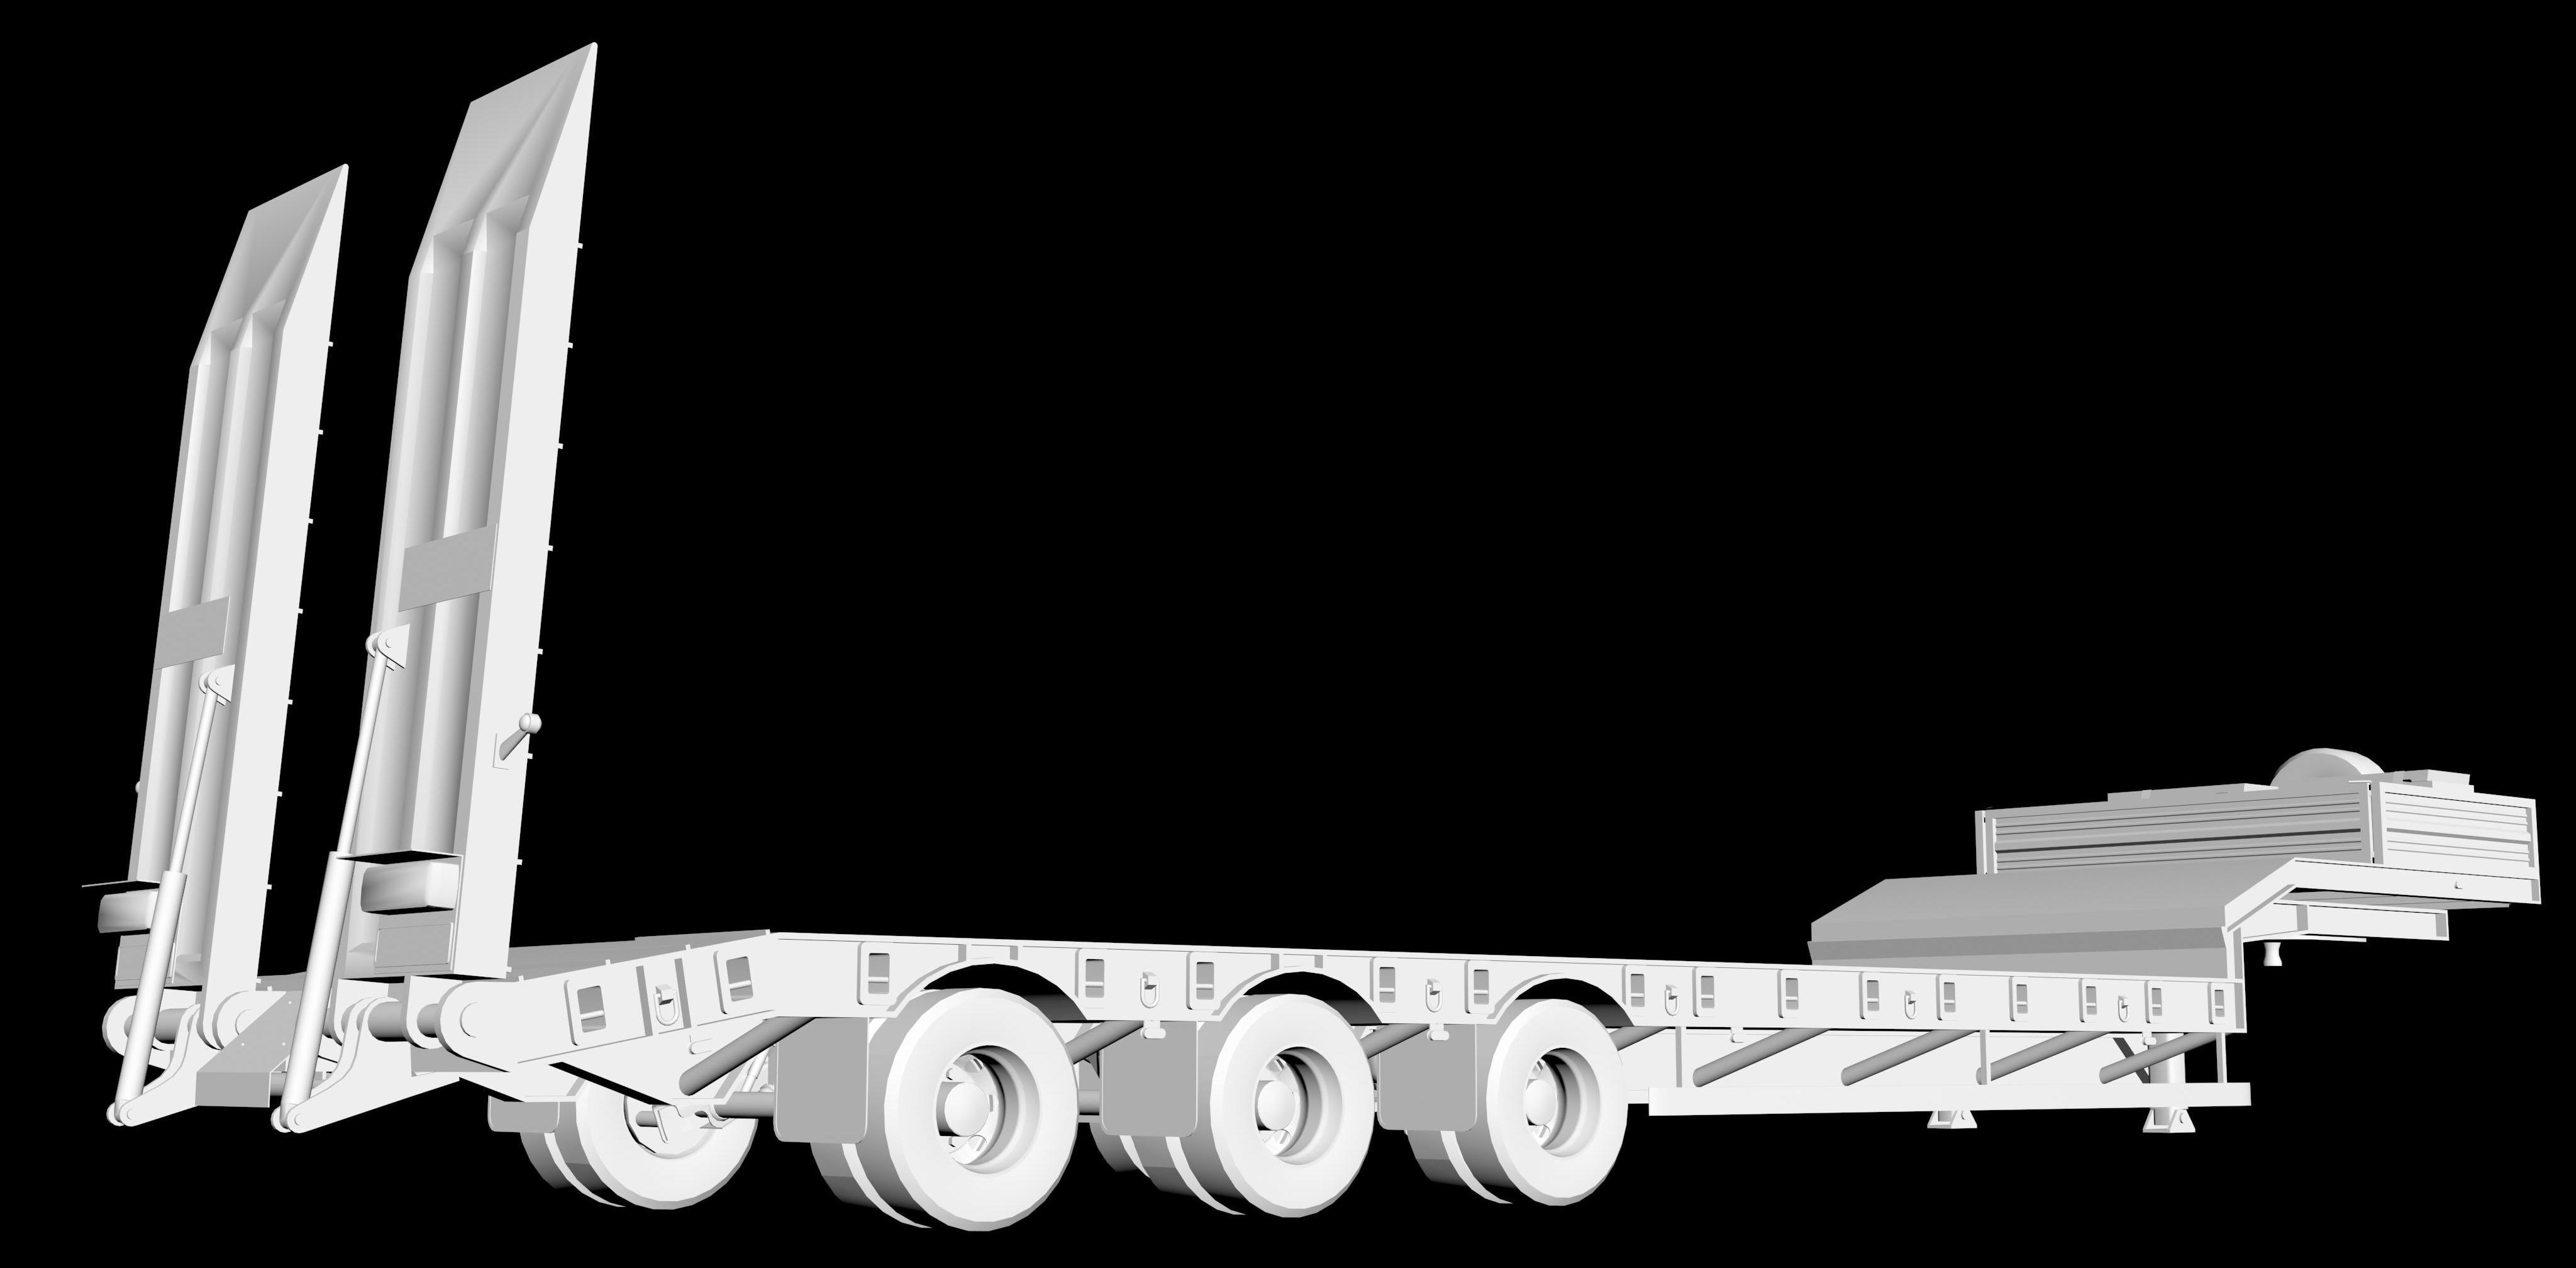 [Encuesta][T.E.P.] Proyecto Aguas Tenias (22 modelos + 1 Camión) [Terminado 21-4-2014]. - Página 5 51xpspc